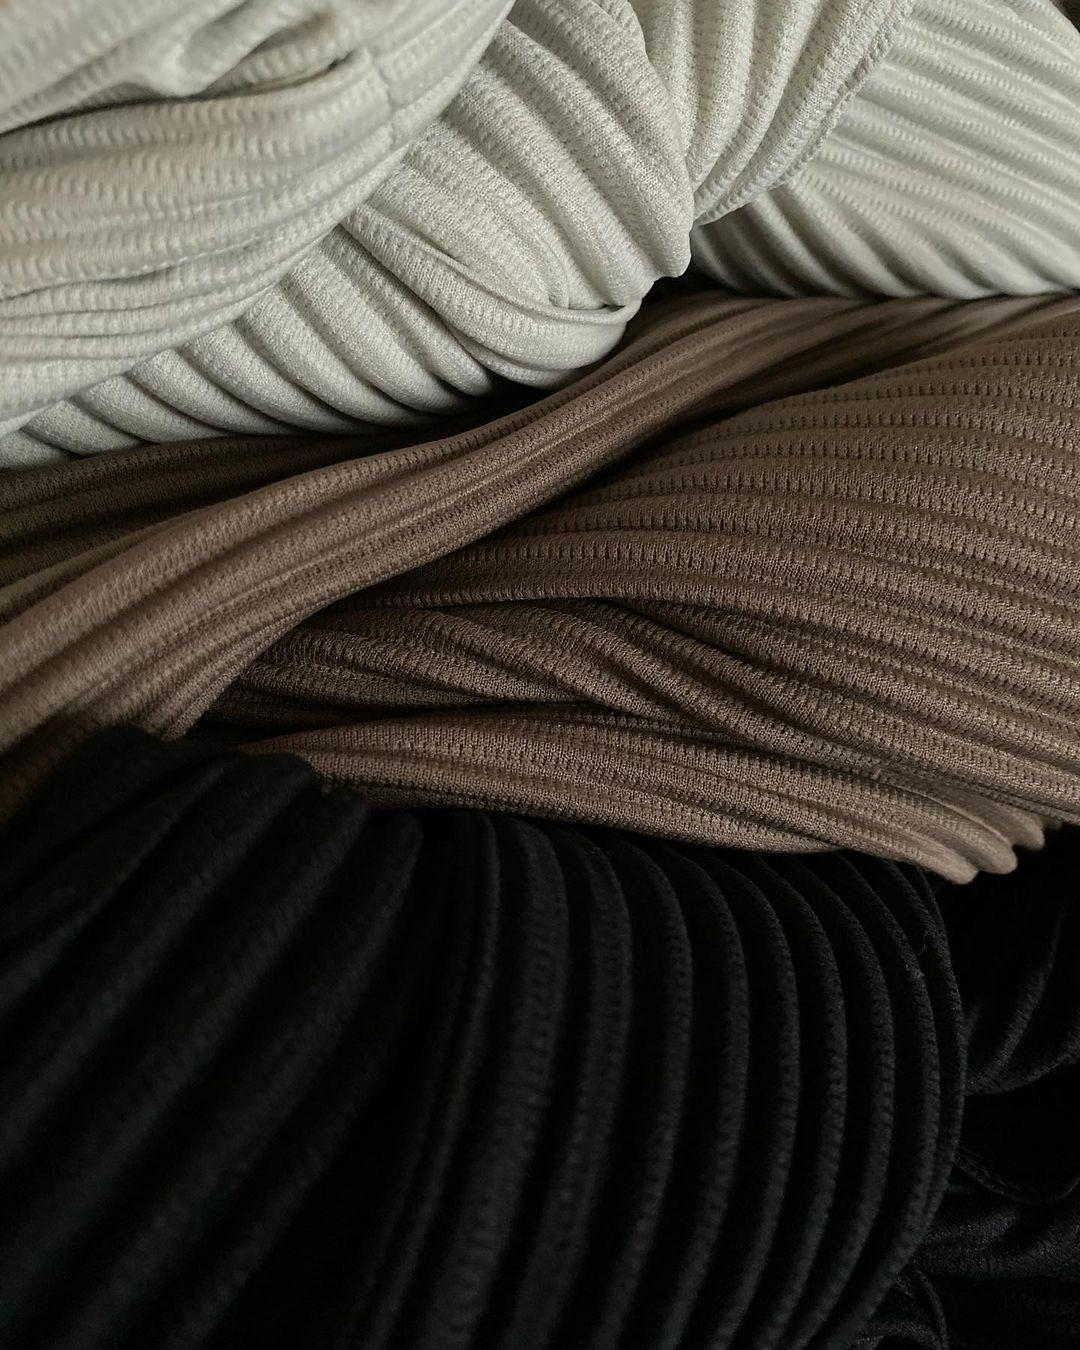 L'image représente des pantalons de la marque Homme Plissé par Issey Miyake. Les trois pantalons sont de tonalités de couleurs différentes avec du marron et du beige.